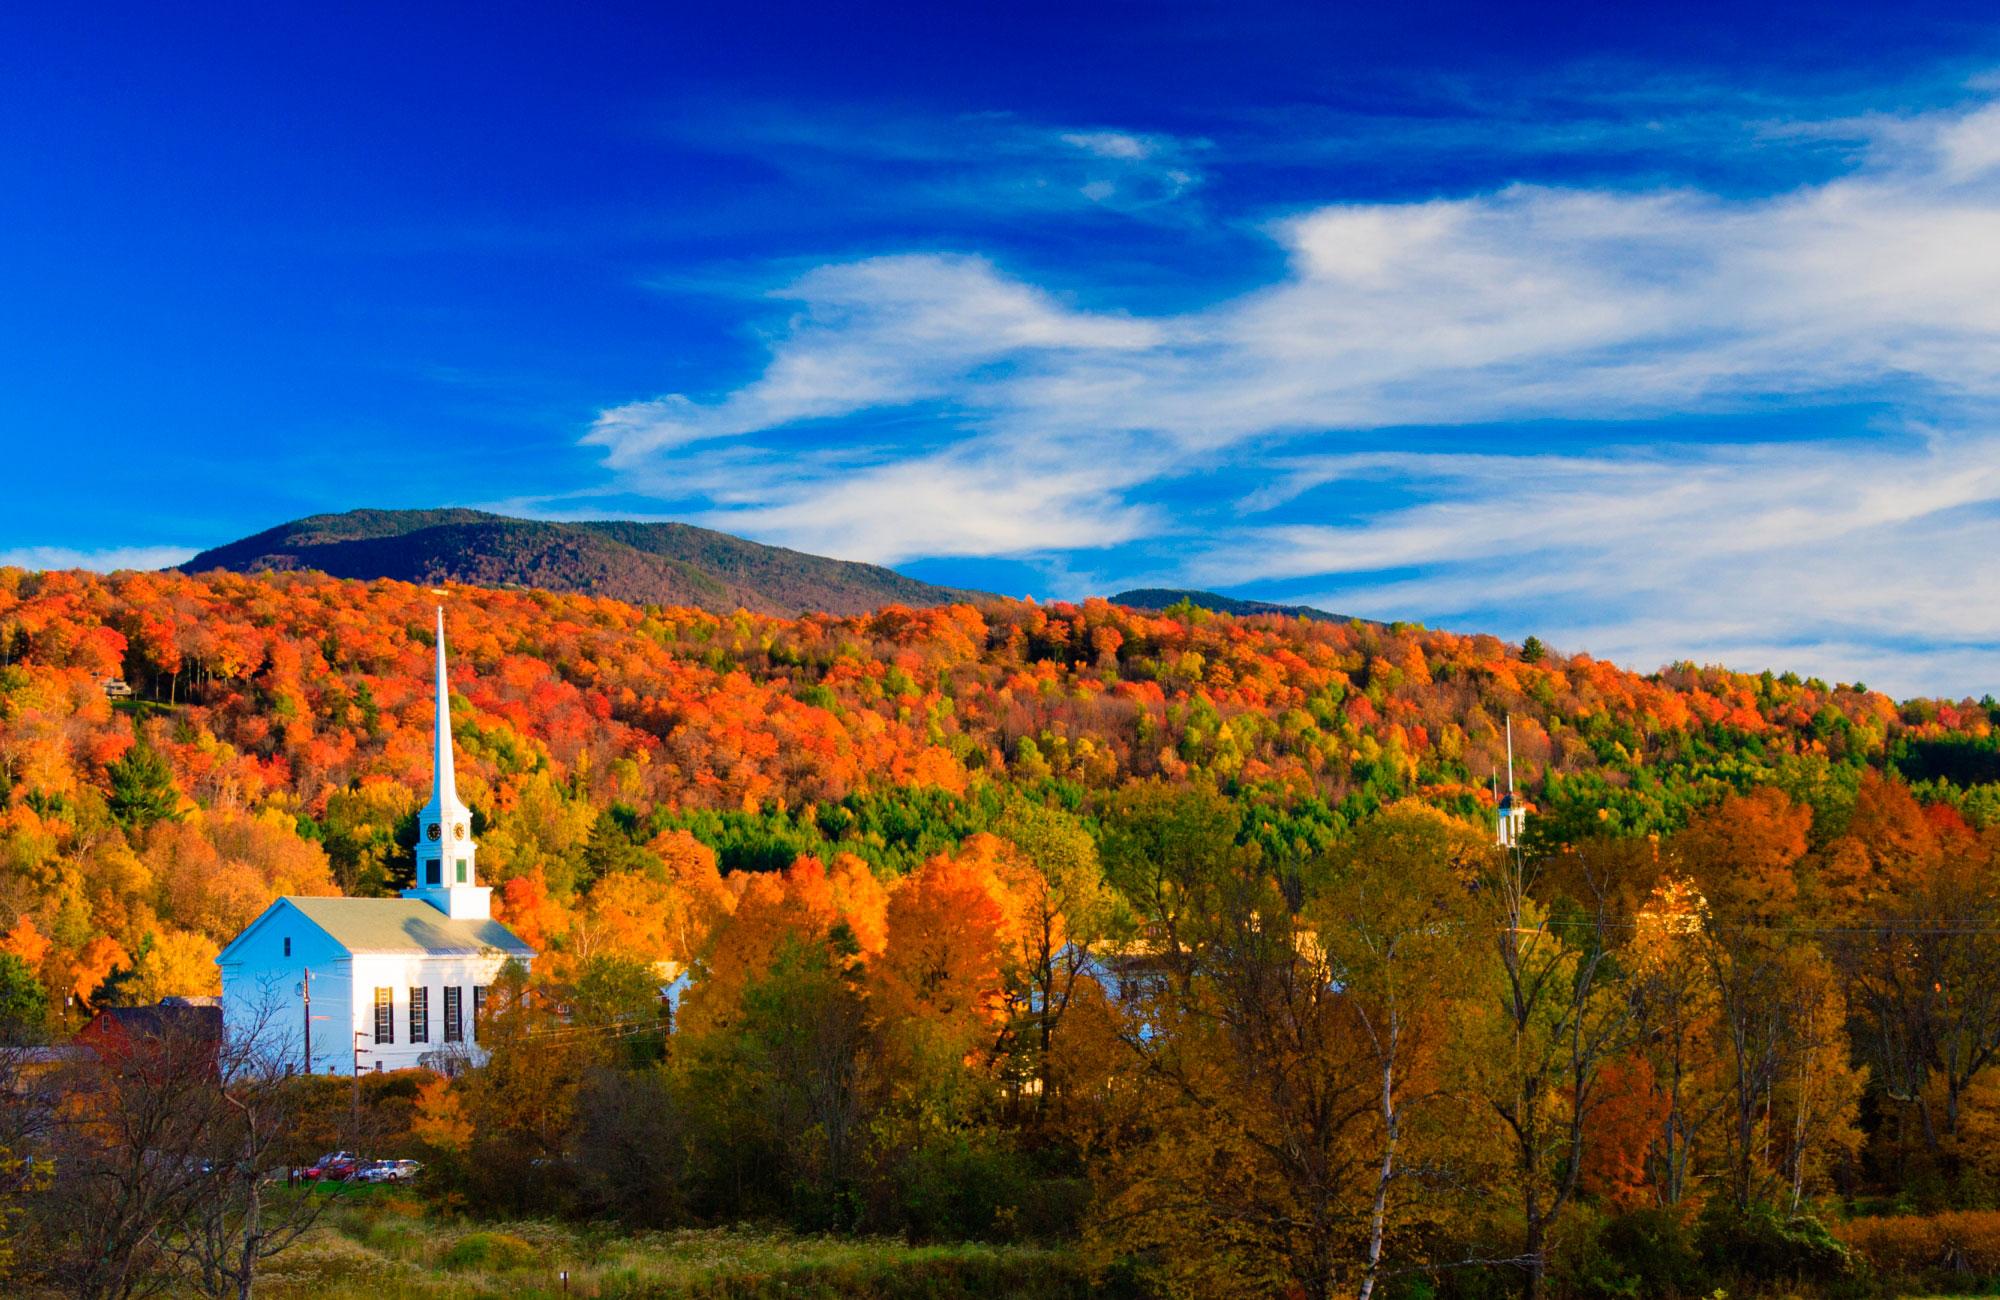 Paysage d'automne à Stowe dans le Vermont en Nouvelle-Angleterre